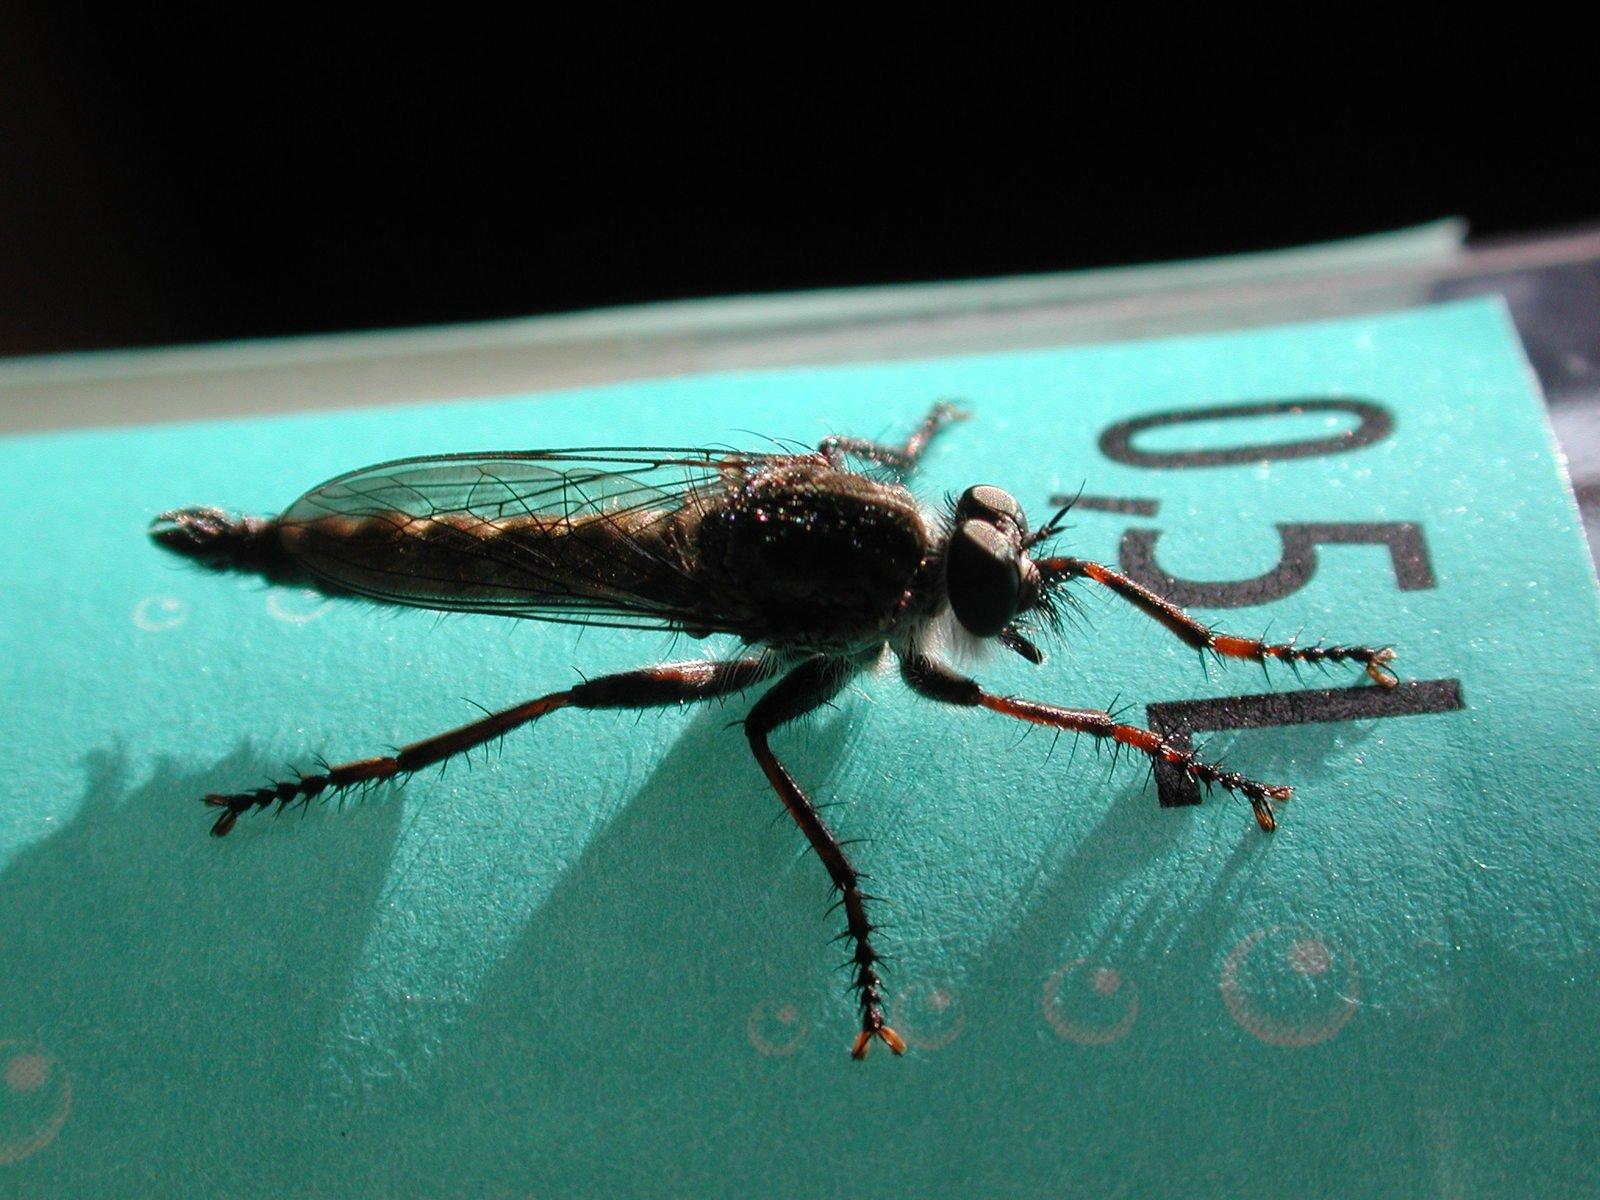 Fly buzzing